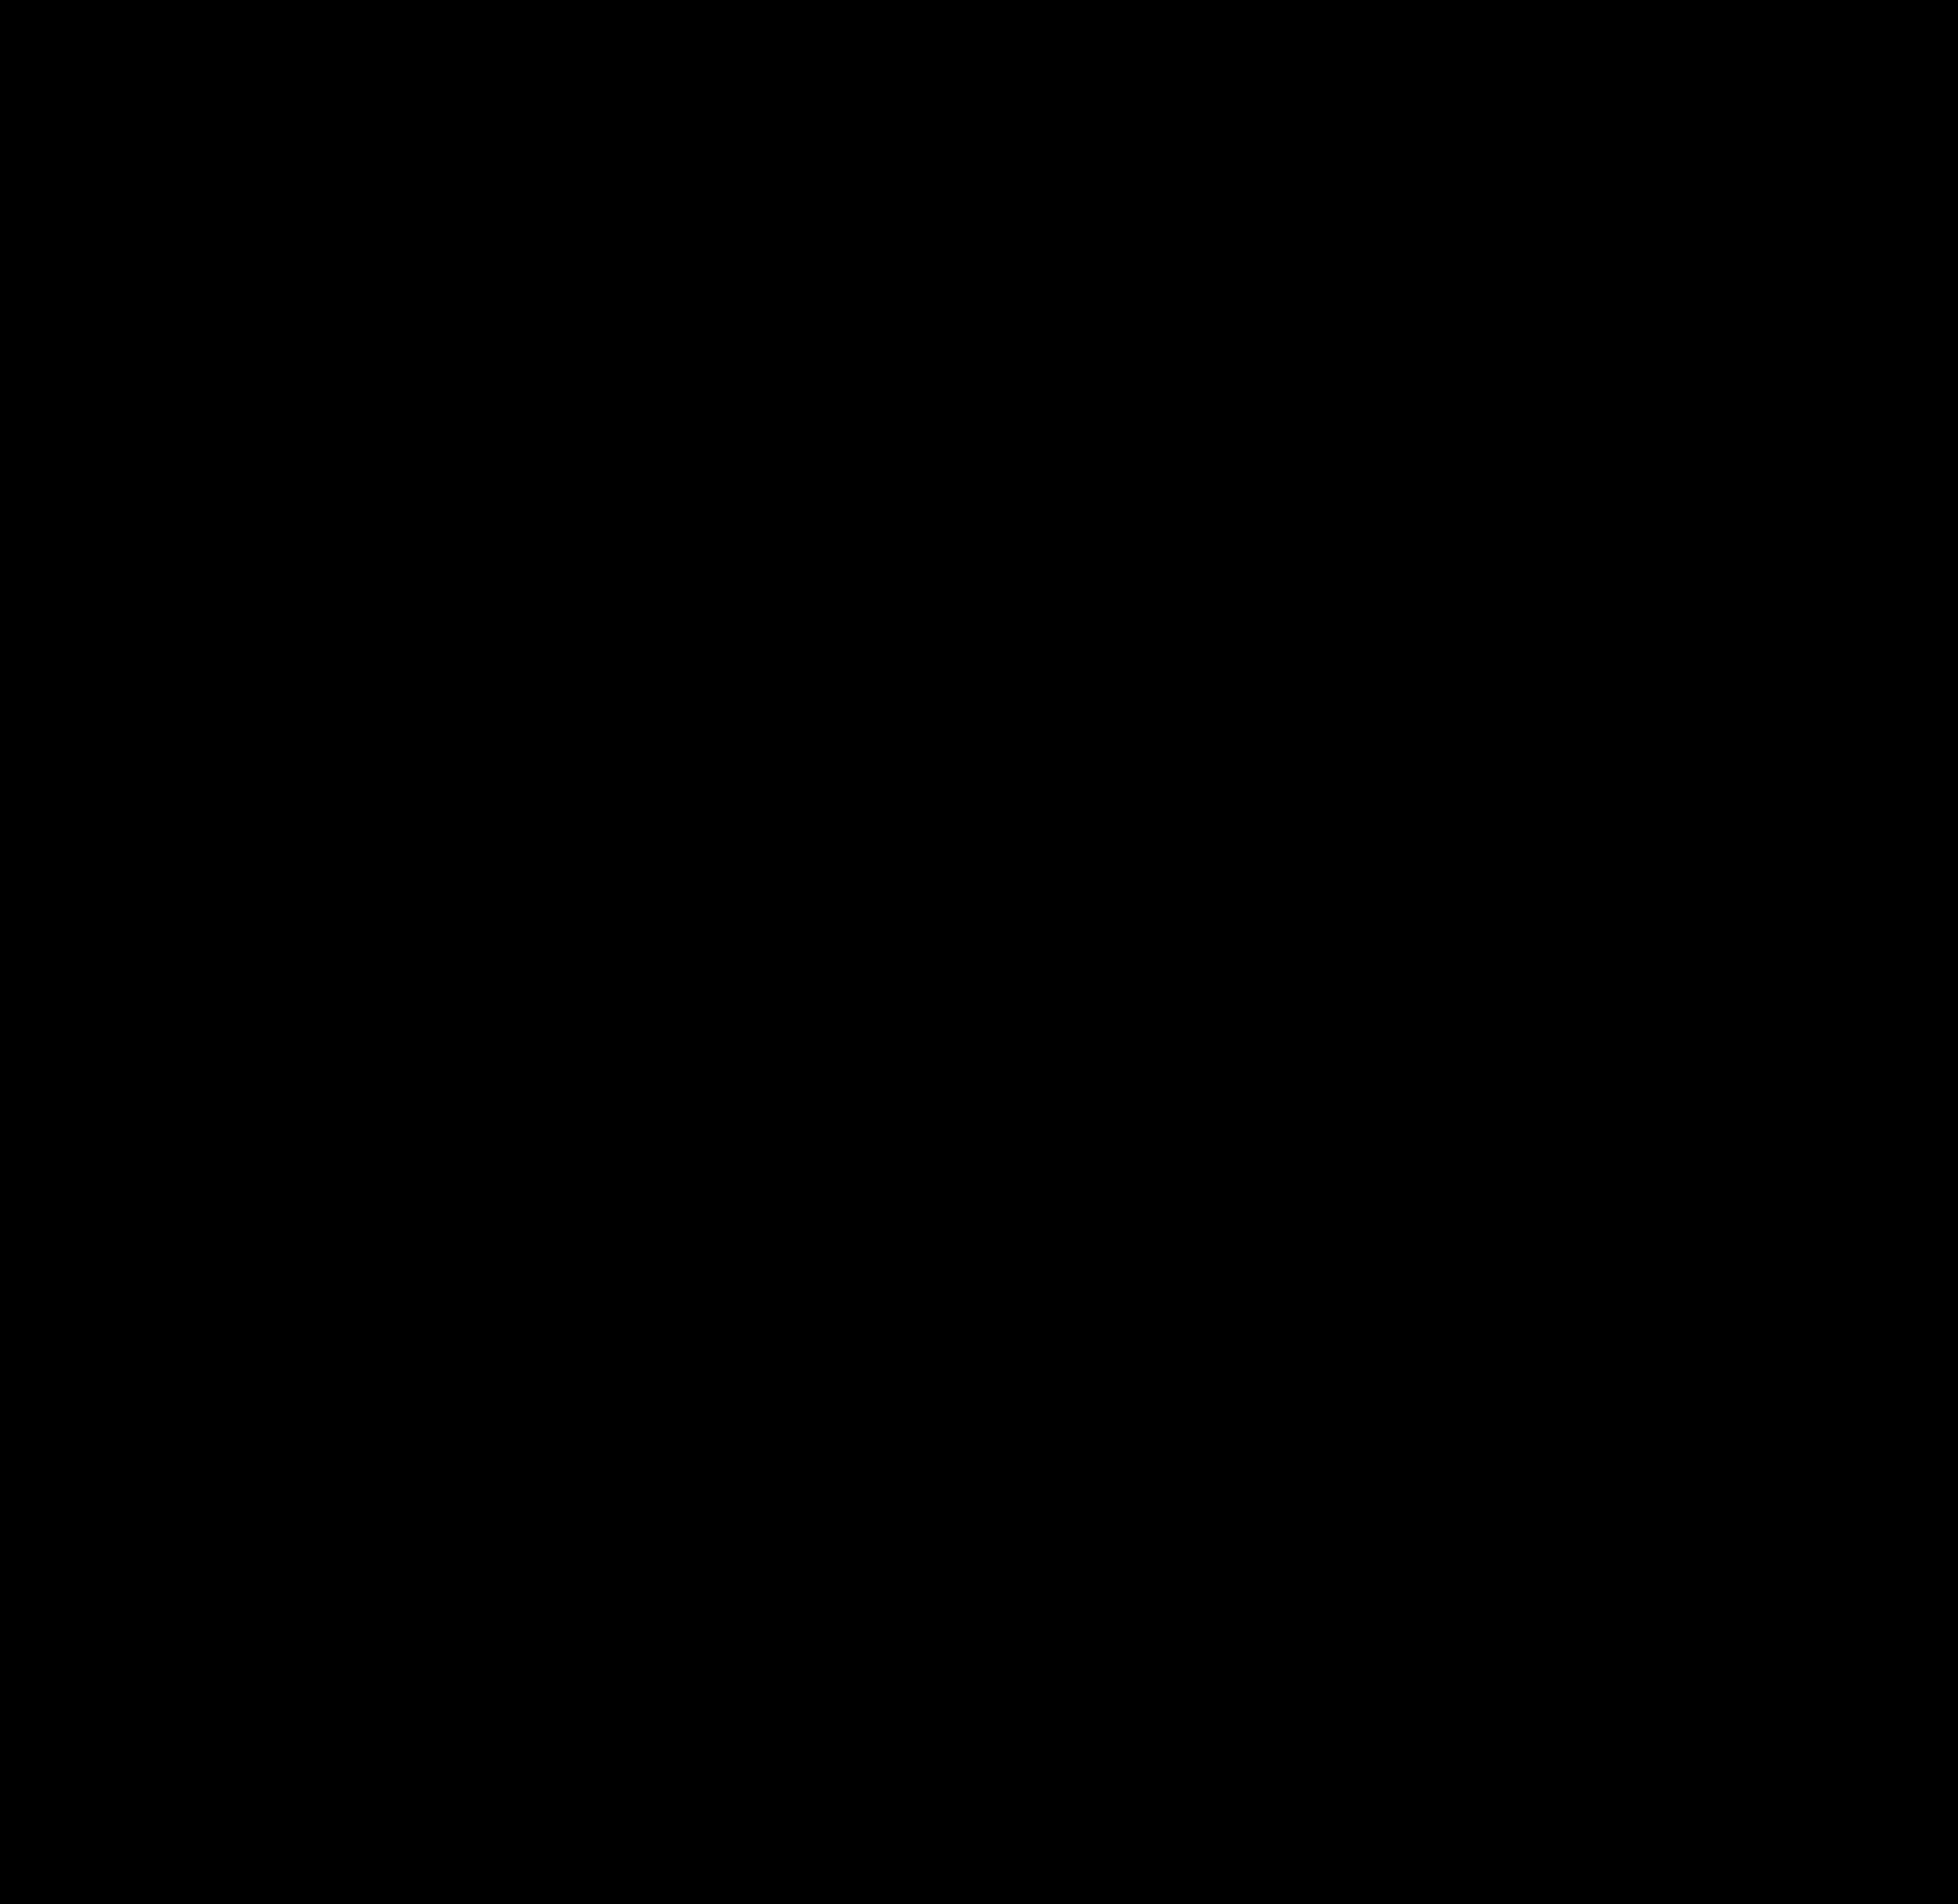 adidas logo png transparent #2386